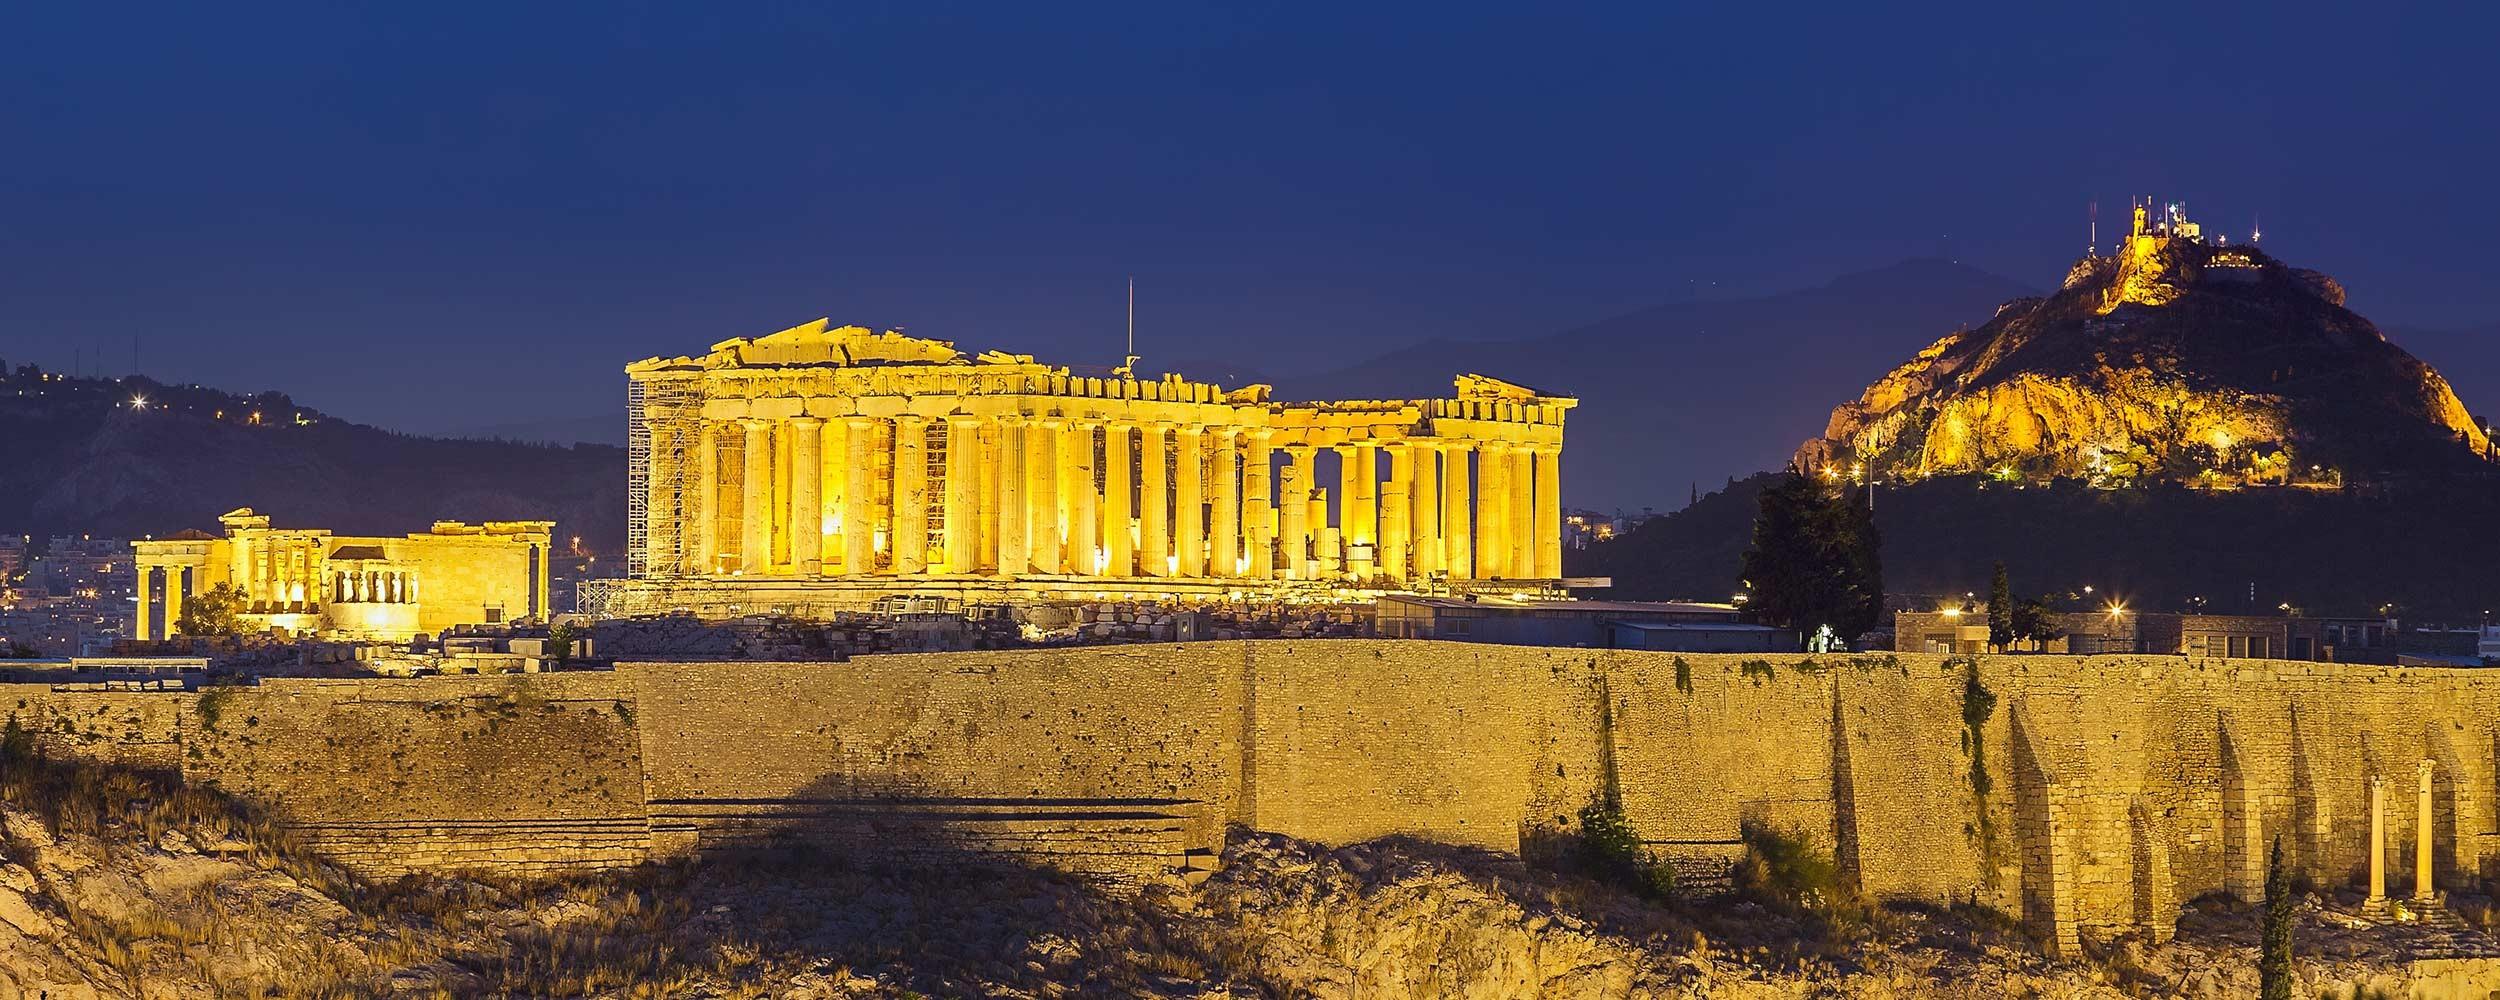 Grèce Athènes Acropole